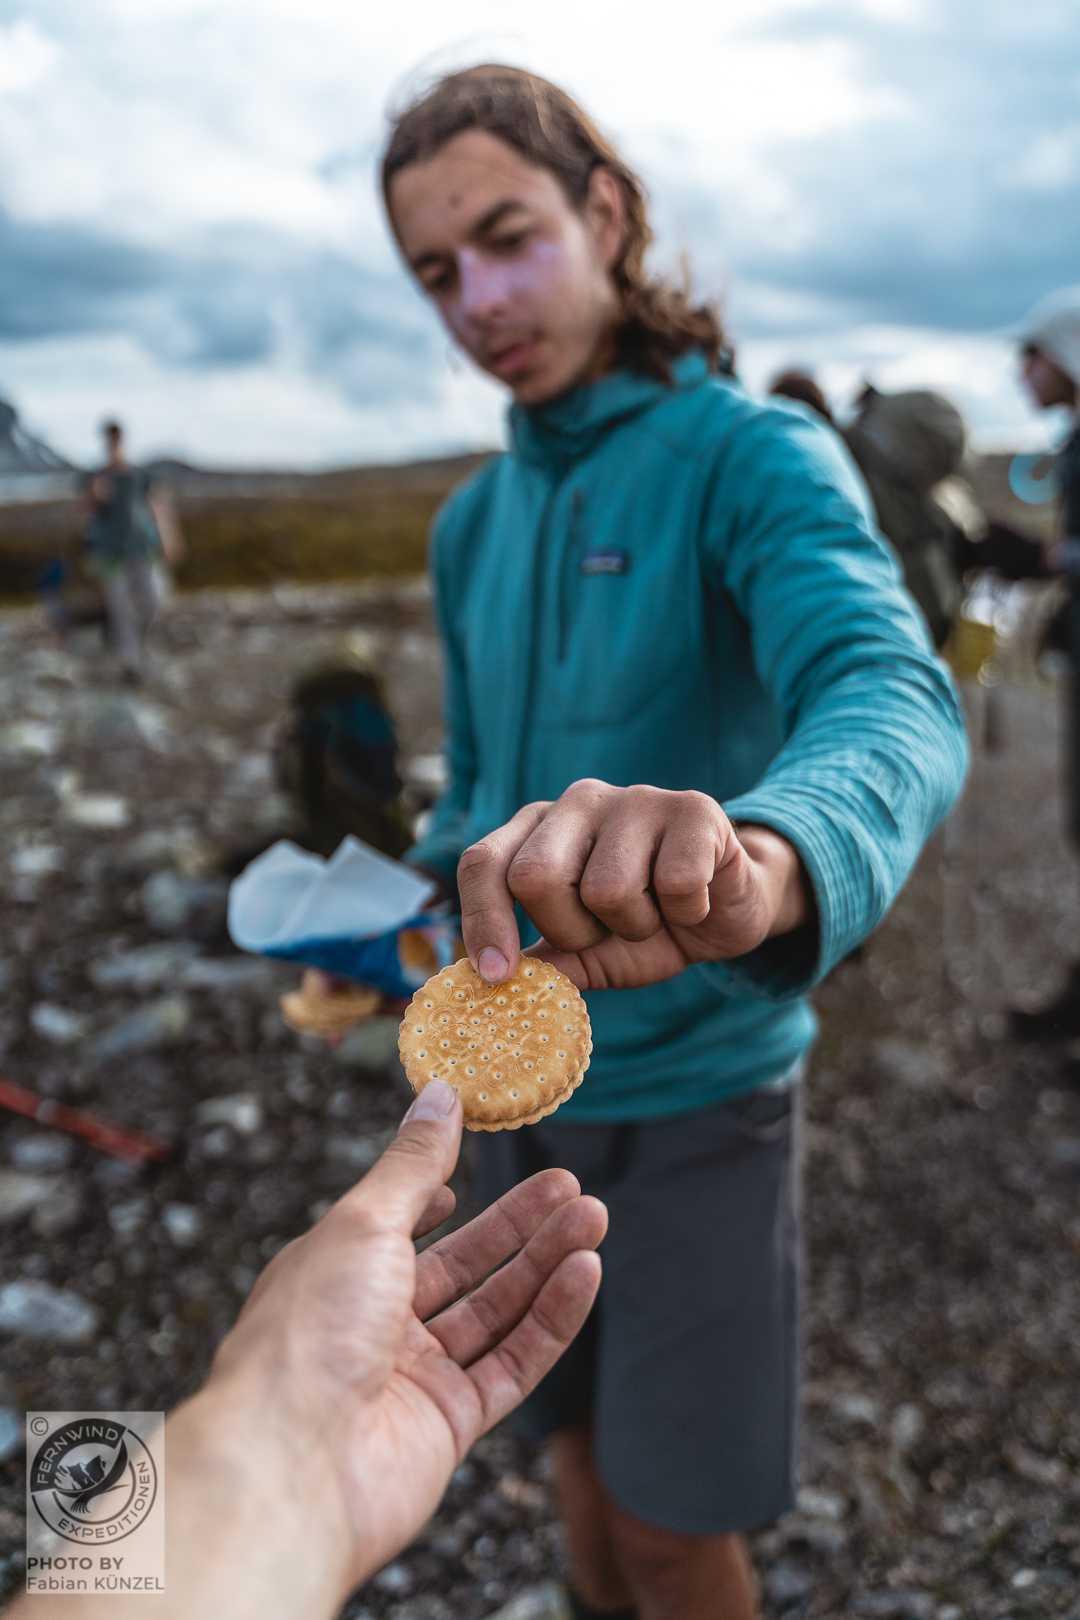 Energie auf Tour - Moritz reicht ein Keks